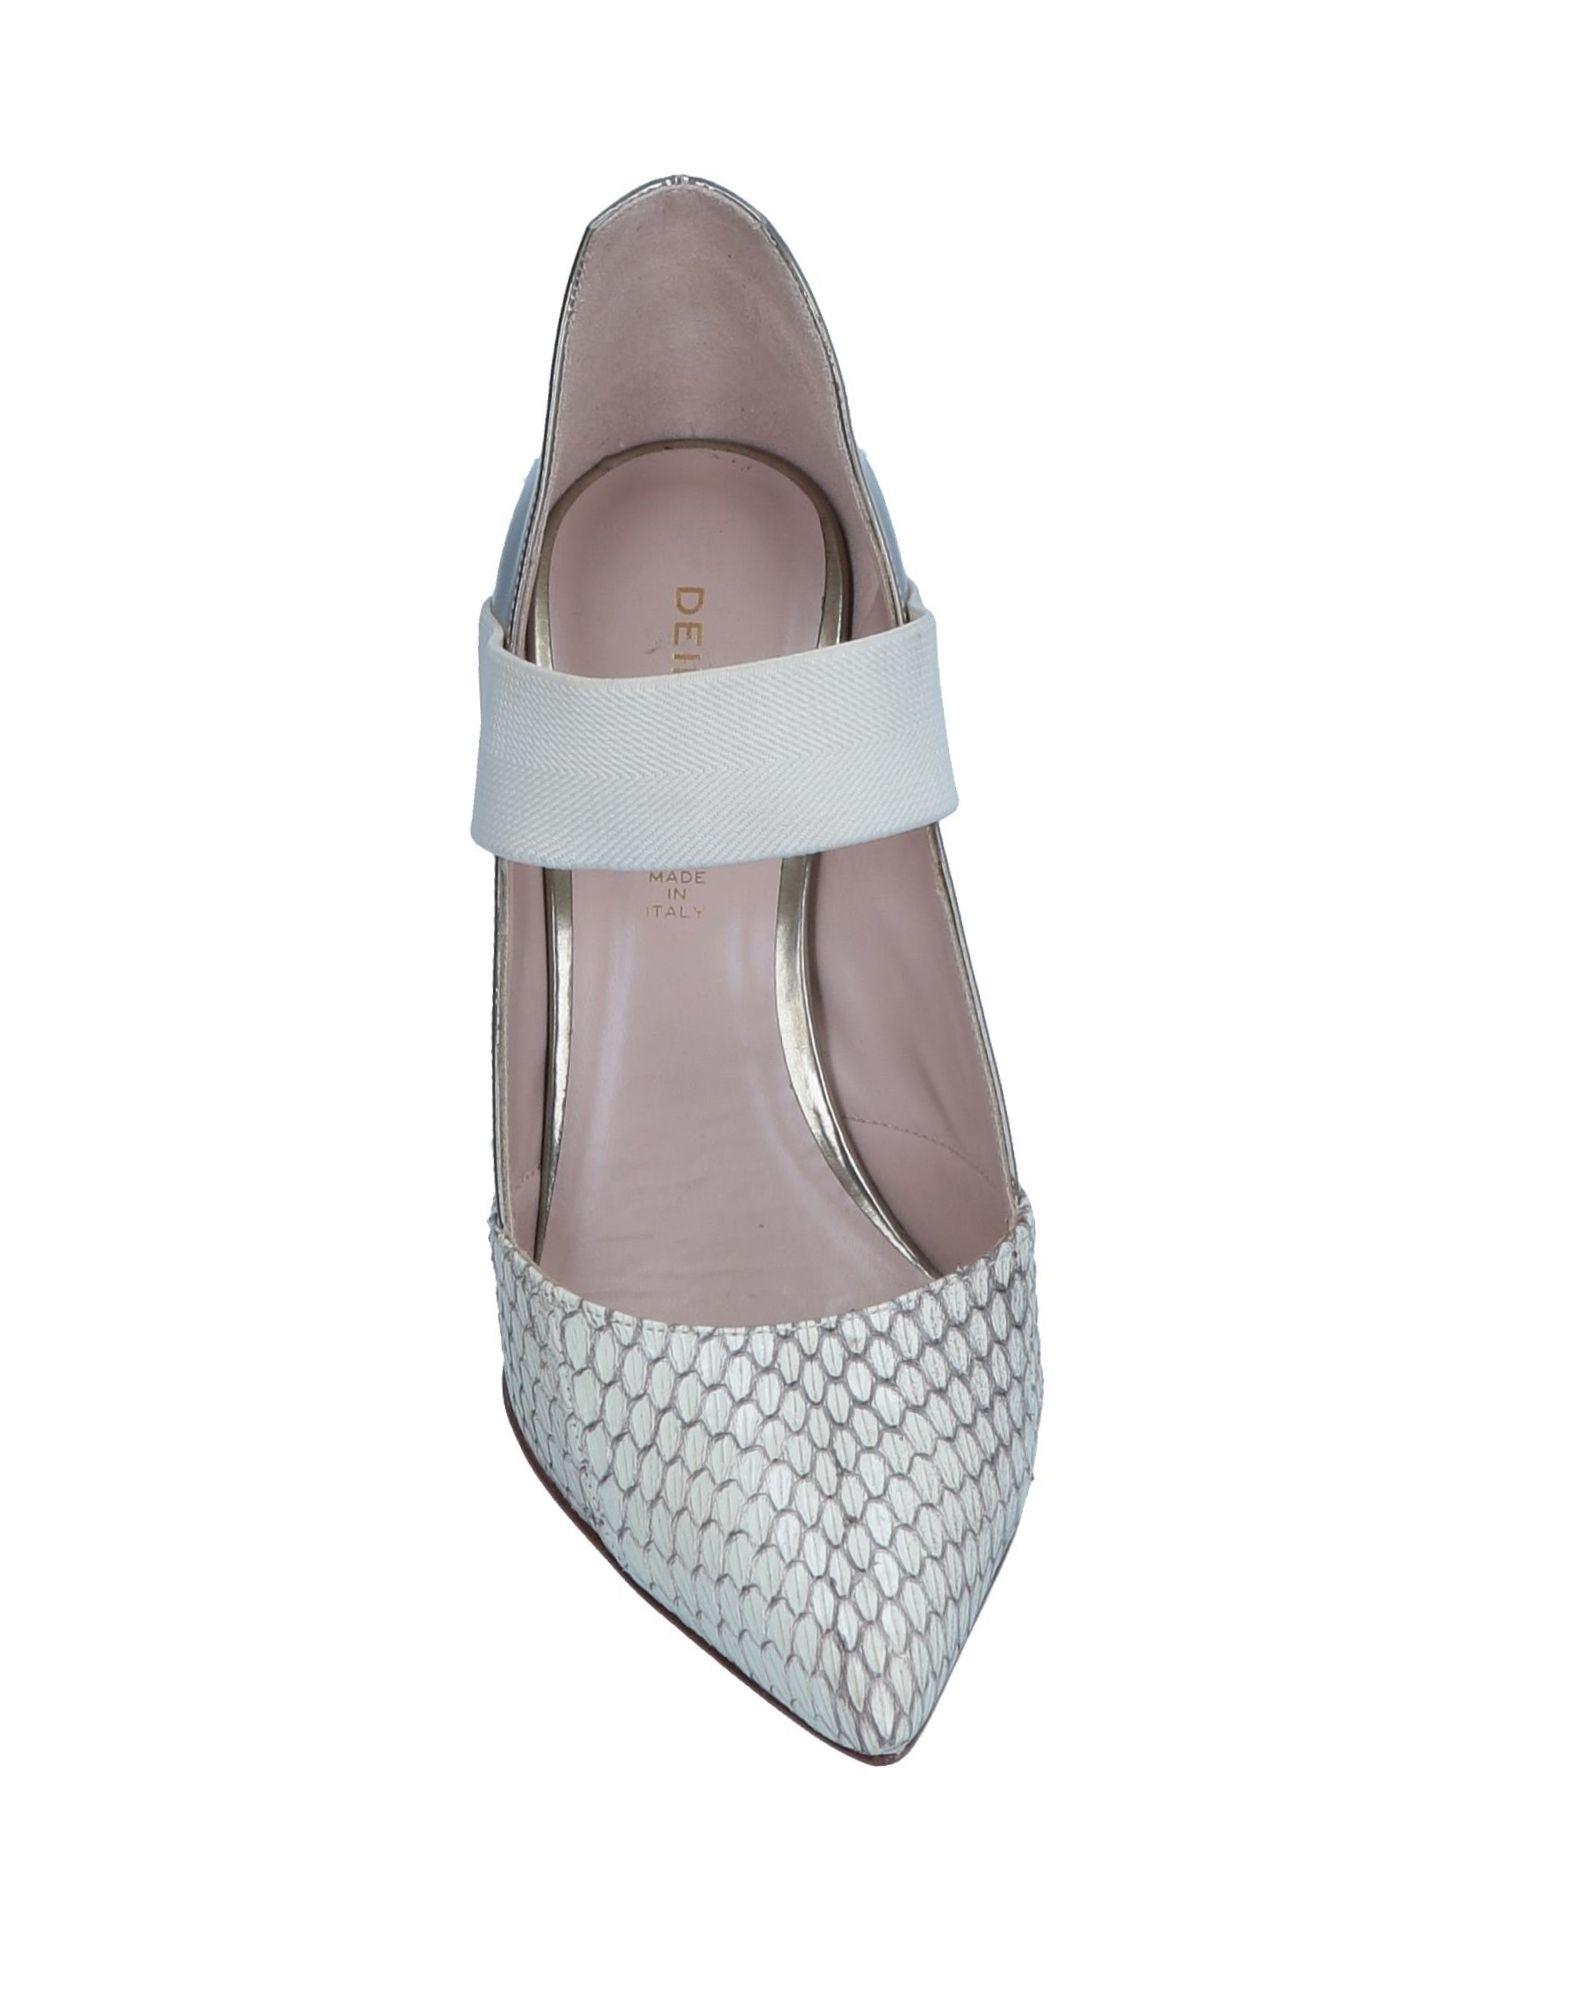 Deimille Pumps Damen 11507347PO Gute Qualität beliebte beliebte beliebte Schuhe 0ed393